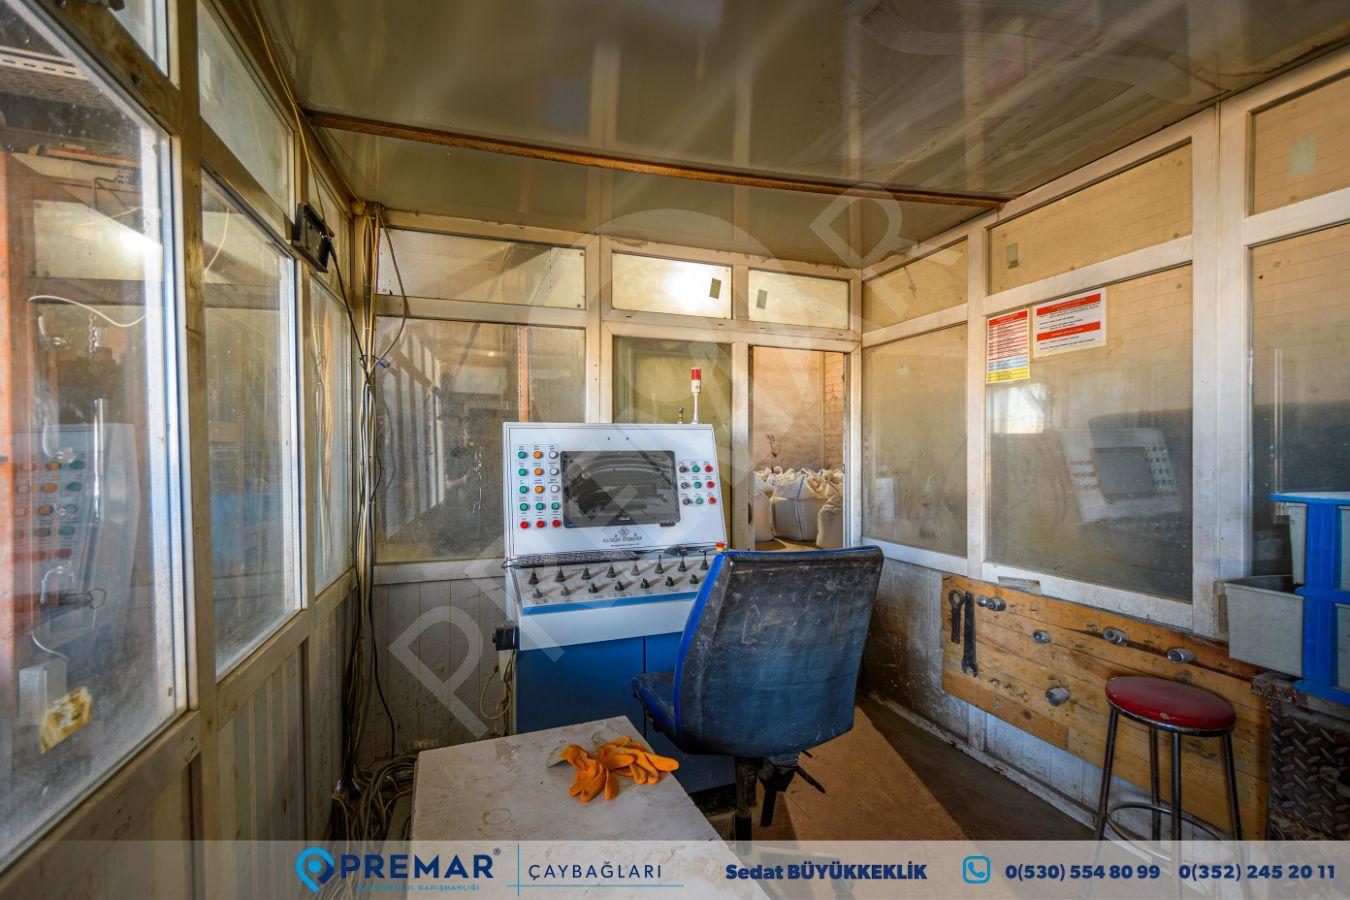 Premar'dan Kayseri-ankara Yolu 200mt Cepheli Bims Üretim Tesisi